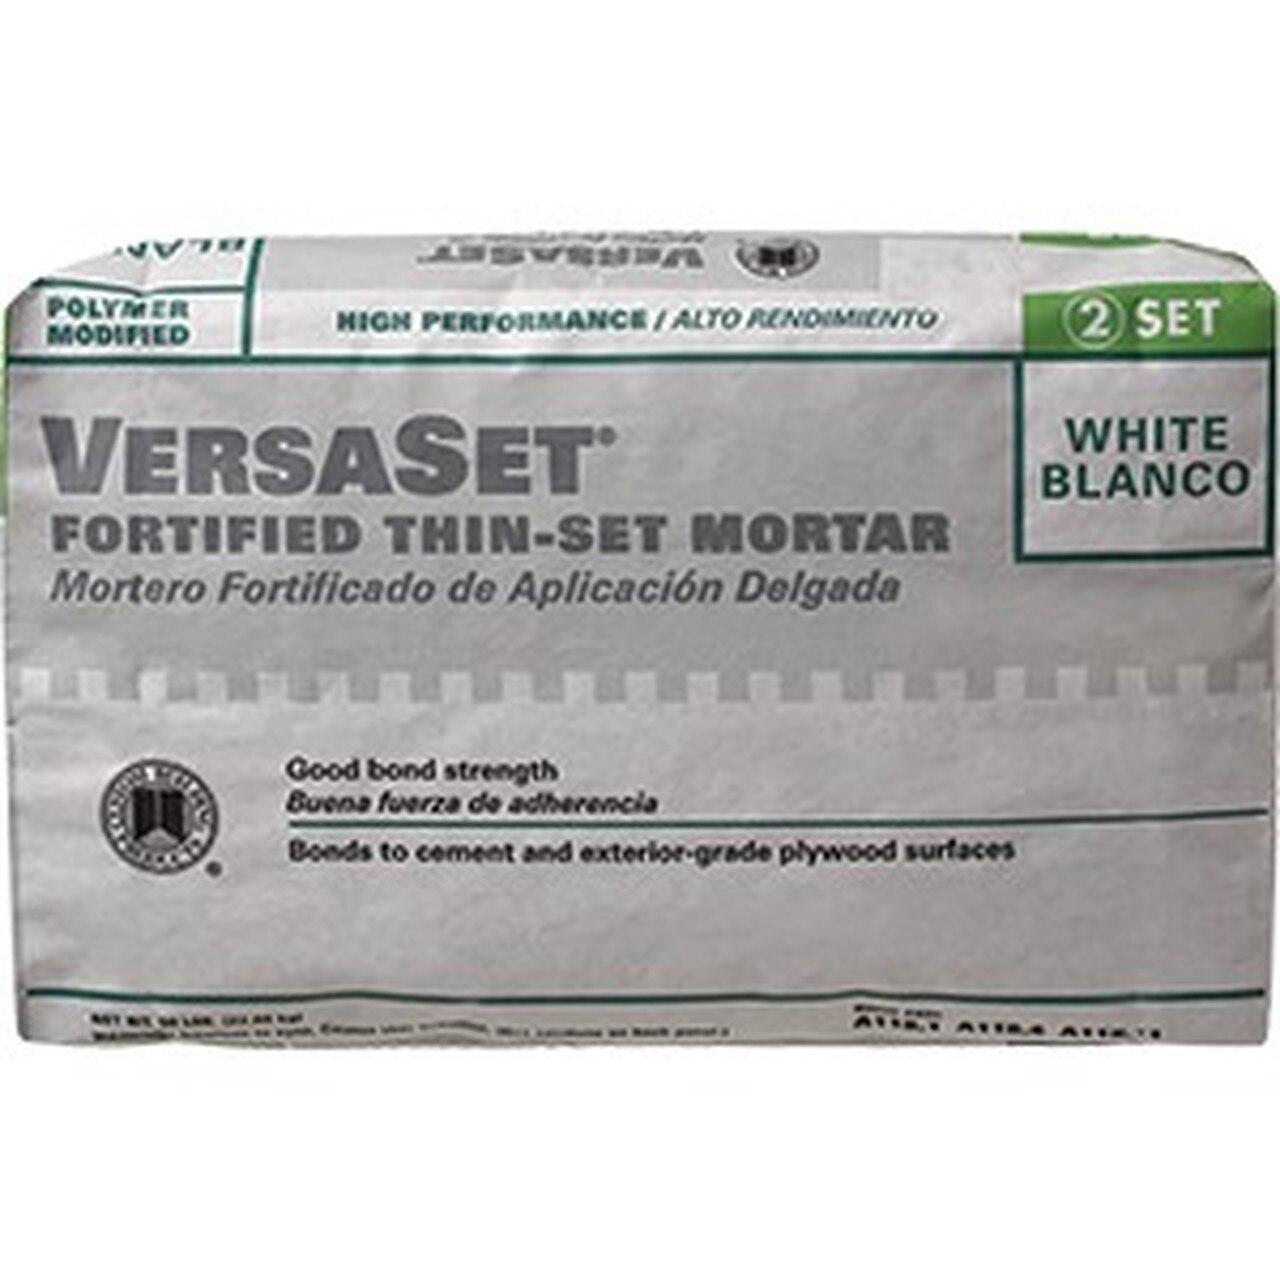 Versaset Thin-Set White